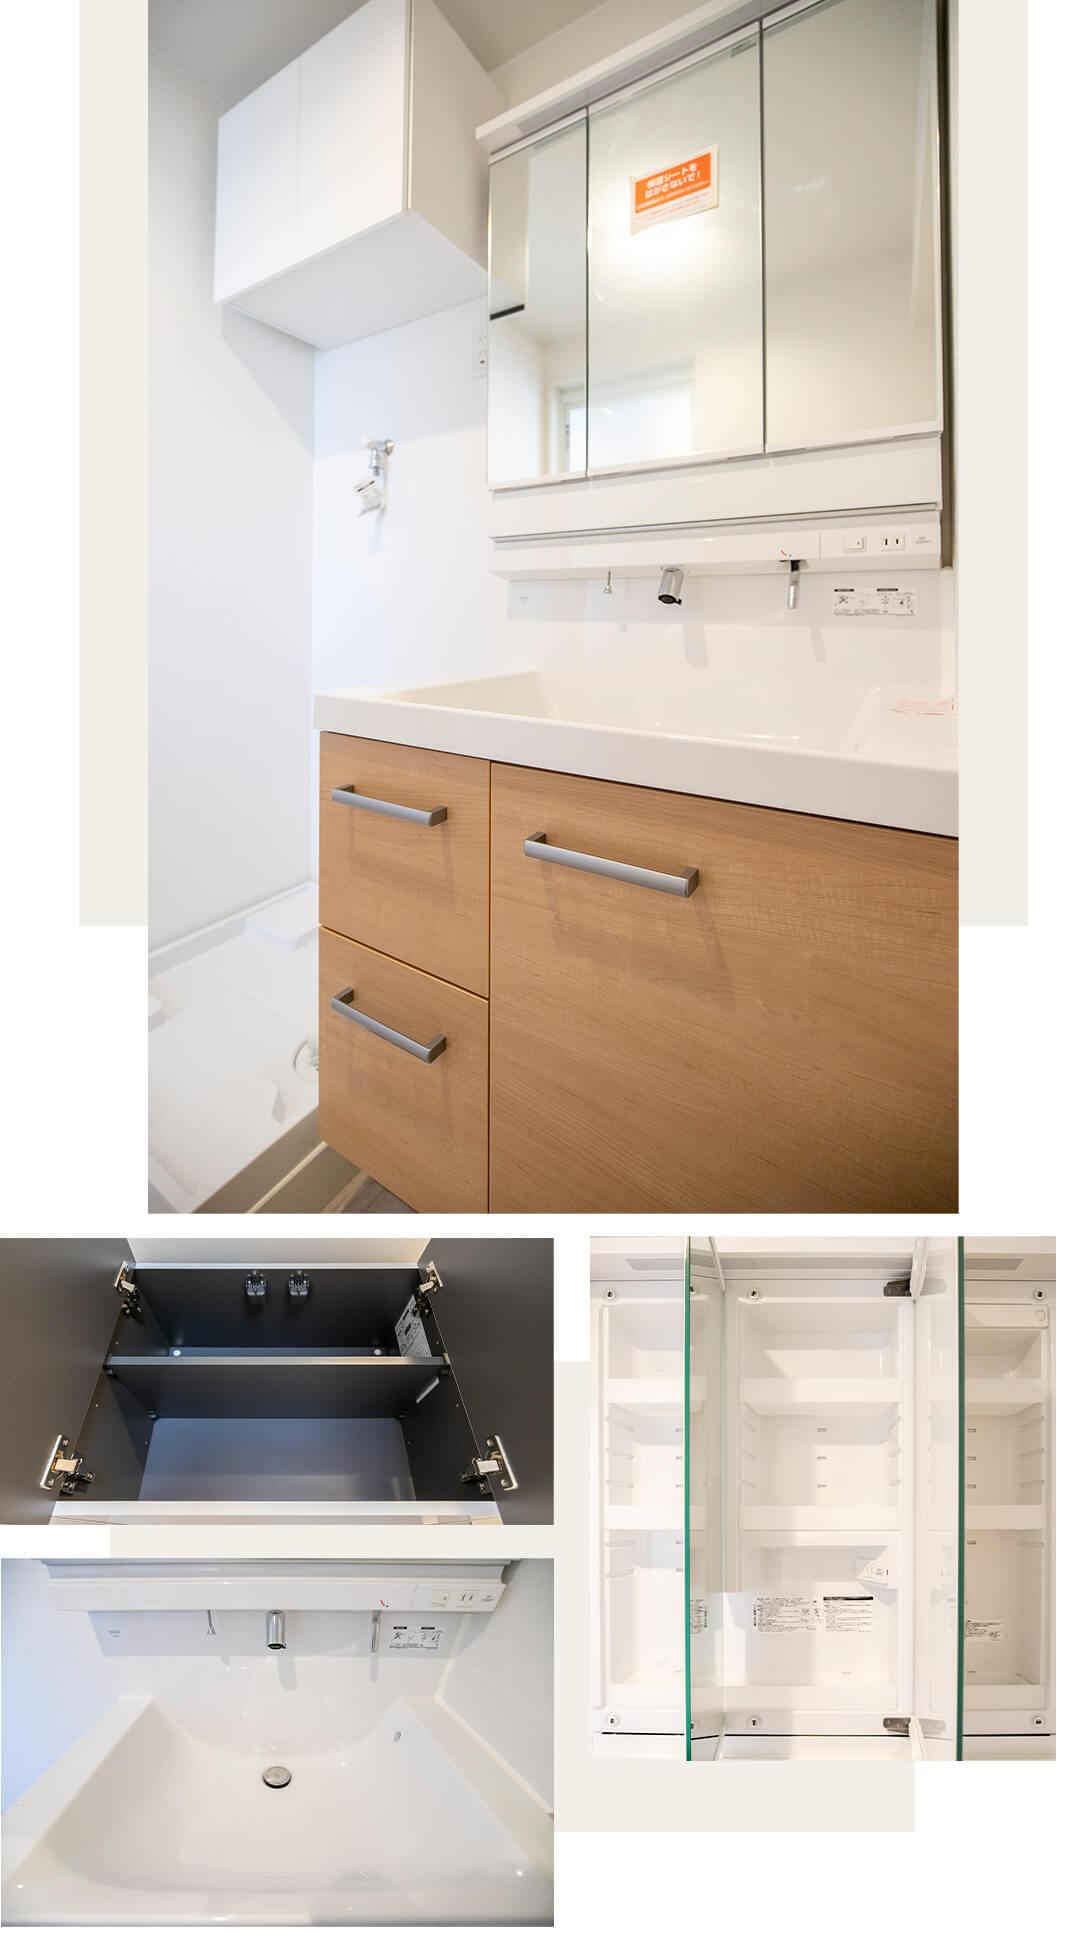 ベルハイム弦巻の洗面室